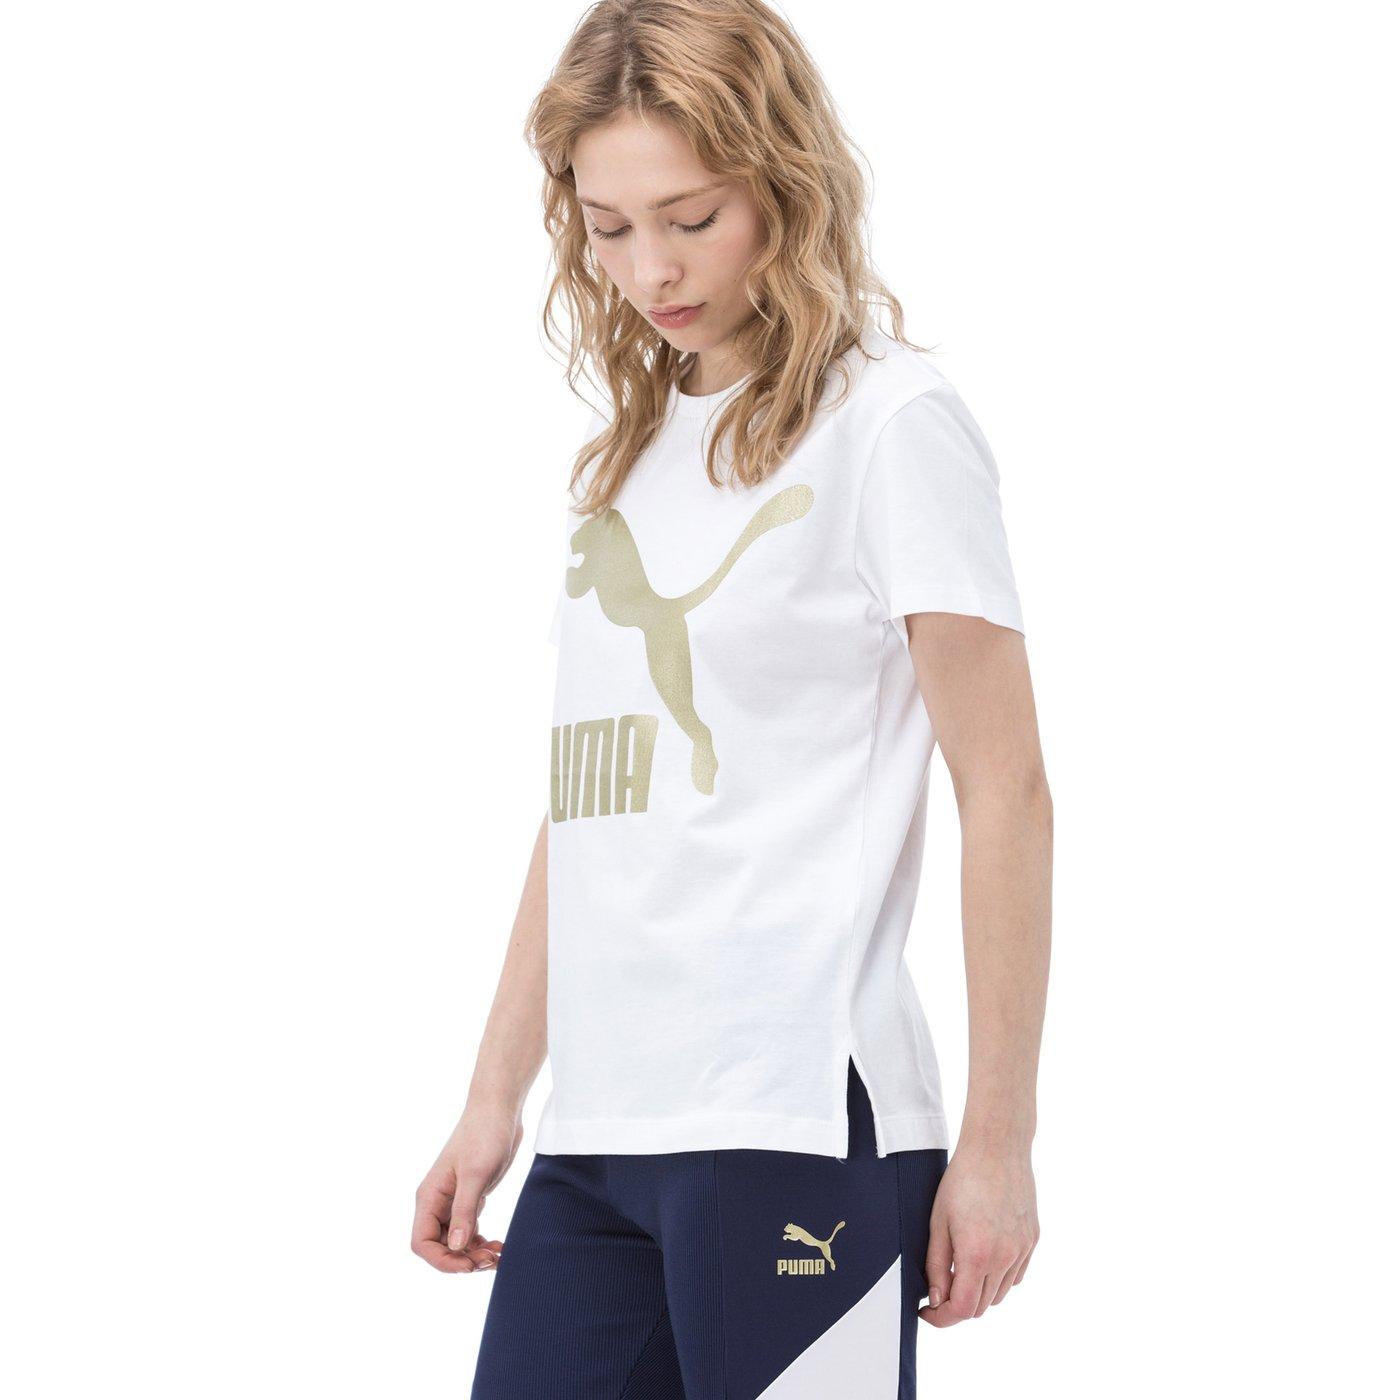 Puma Kadın Beyaz Tshirt